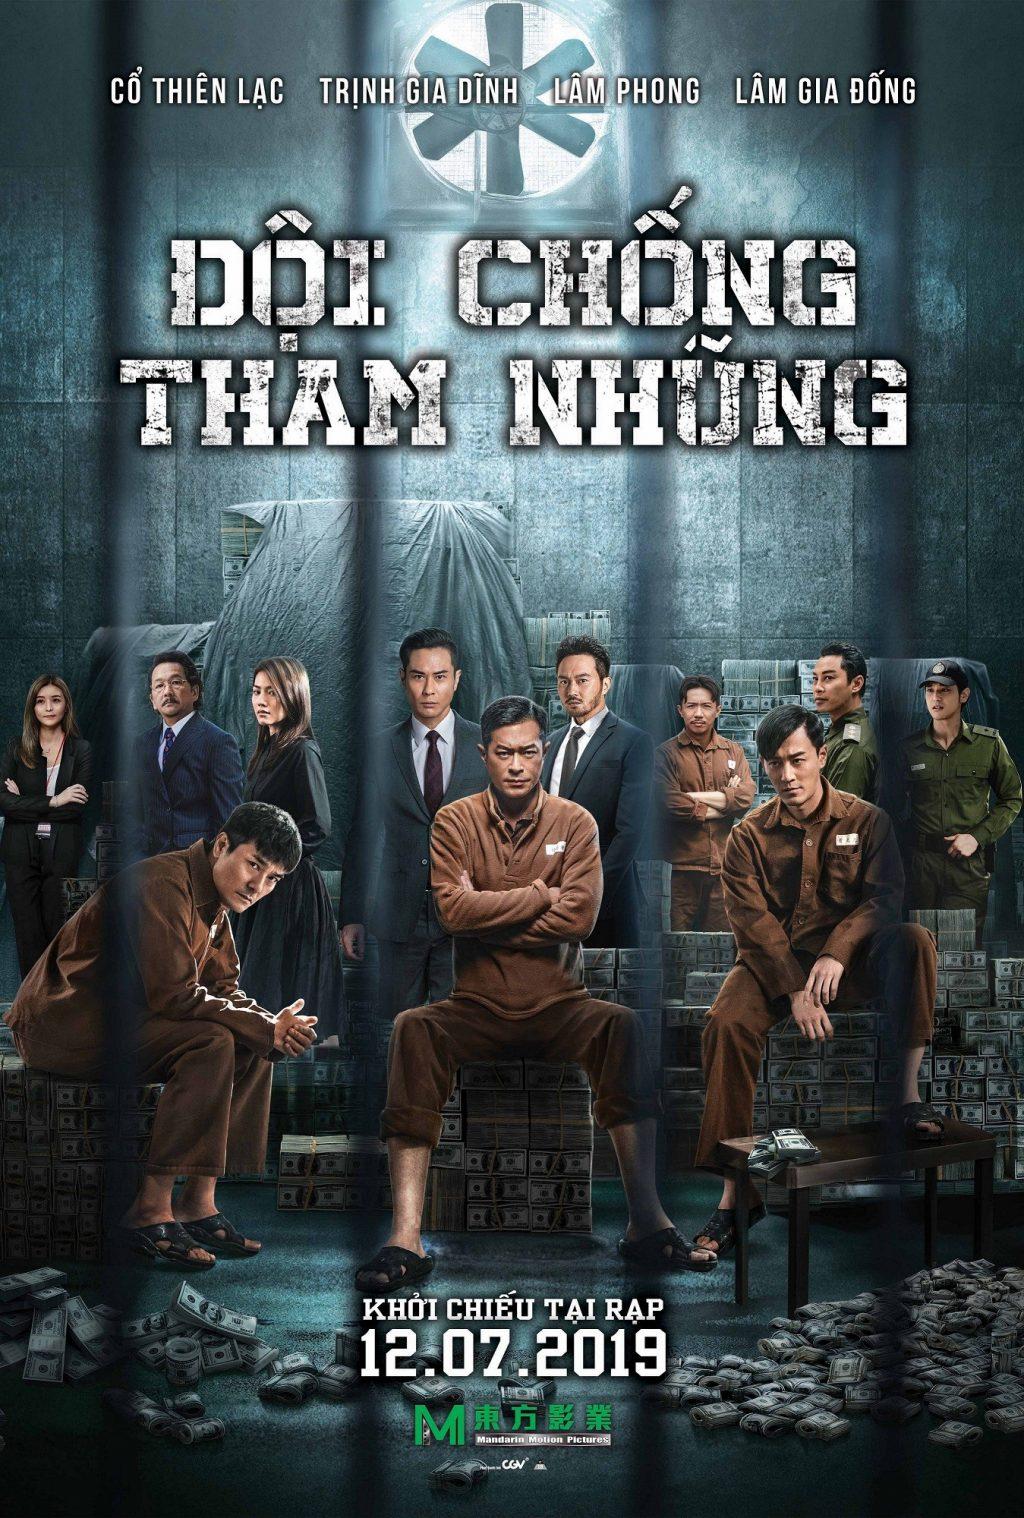 phim chiếu rạp đội chống tham nhũng